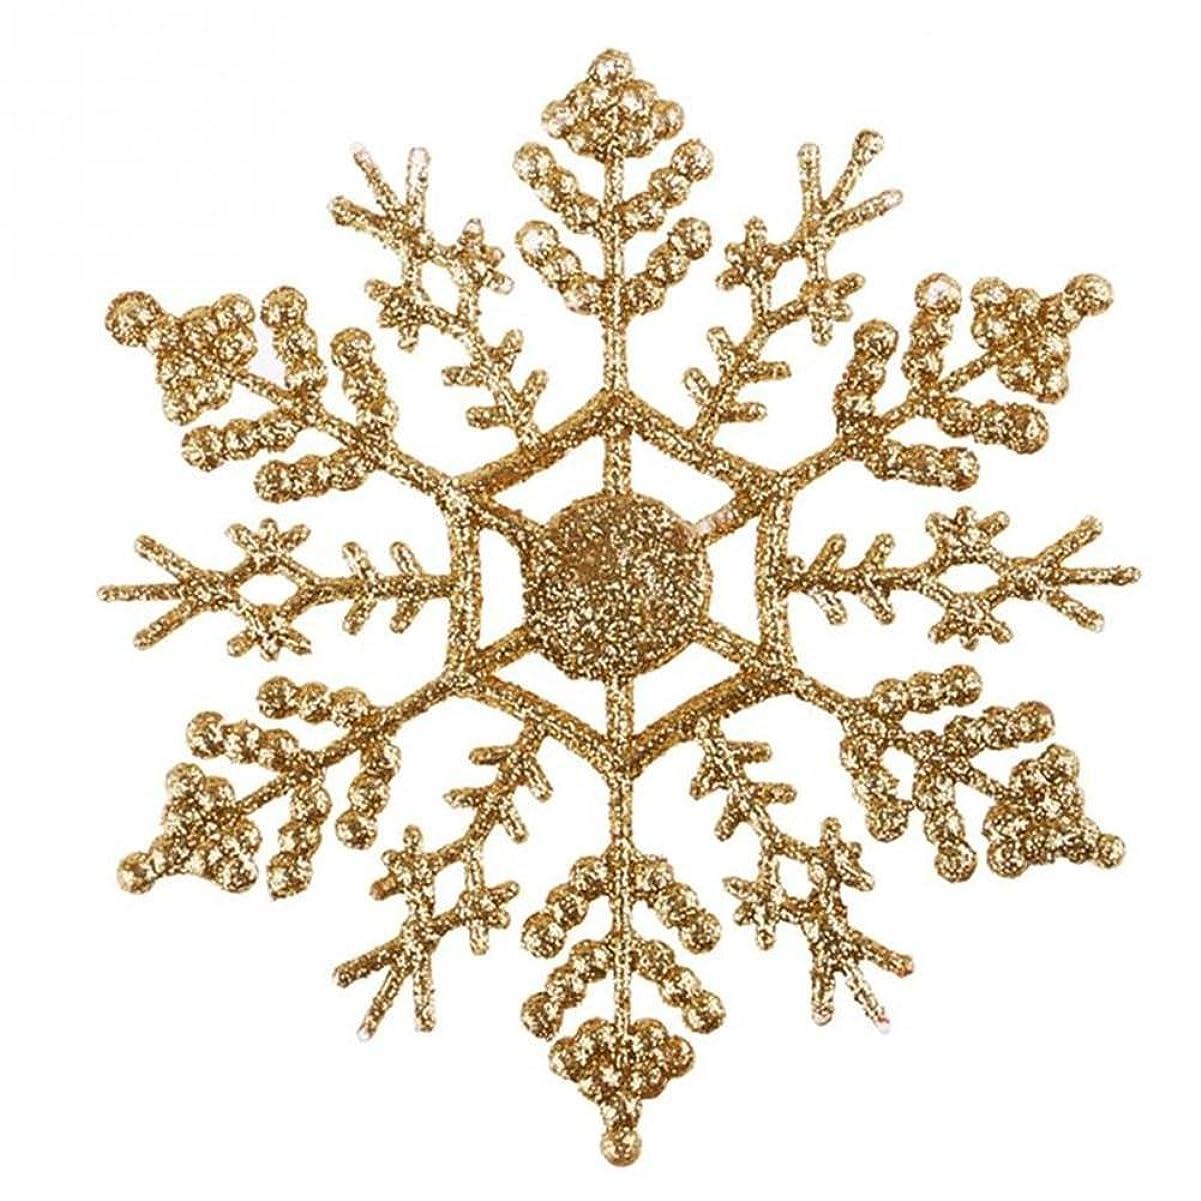 電極太平洋諸島キャンペーン(ドリーミー ハット) Dreamy hut スノーフレーク 雪の結晶 クリスマスオーナメント 飾り 8色入り